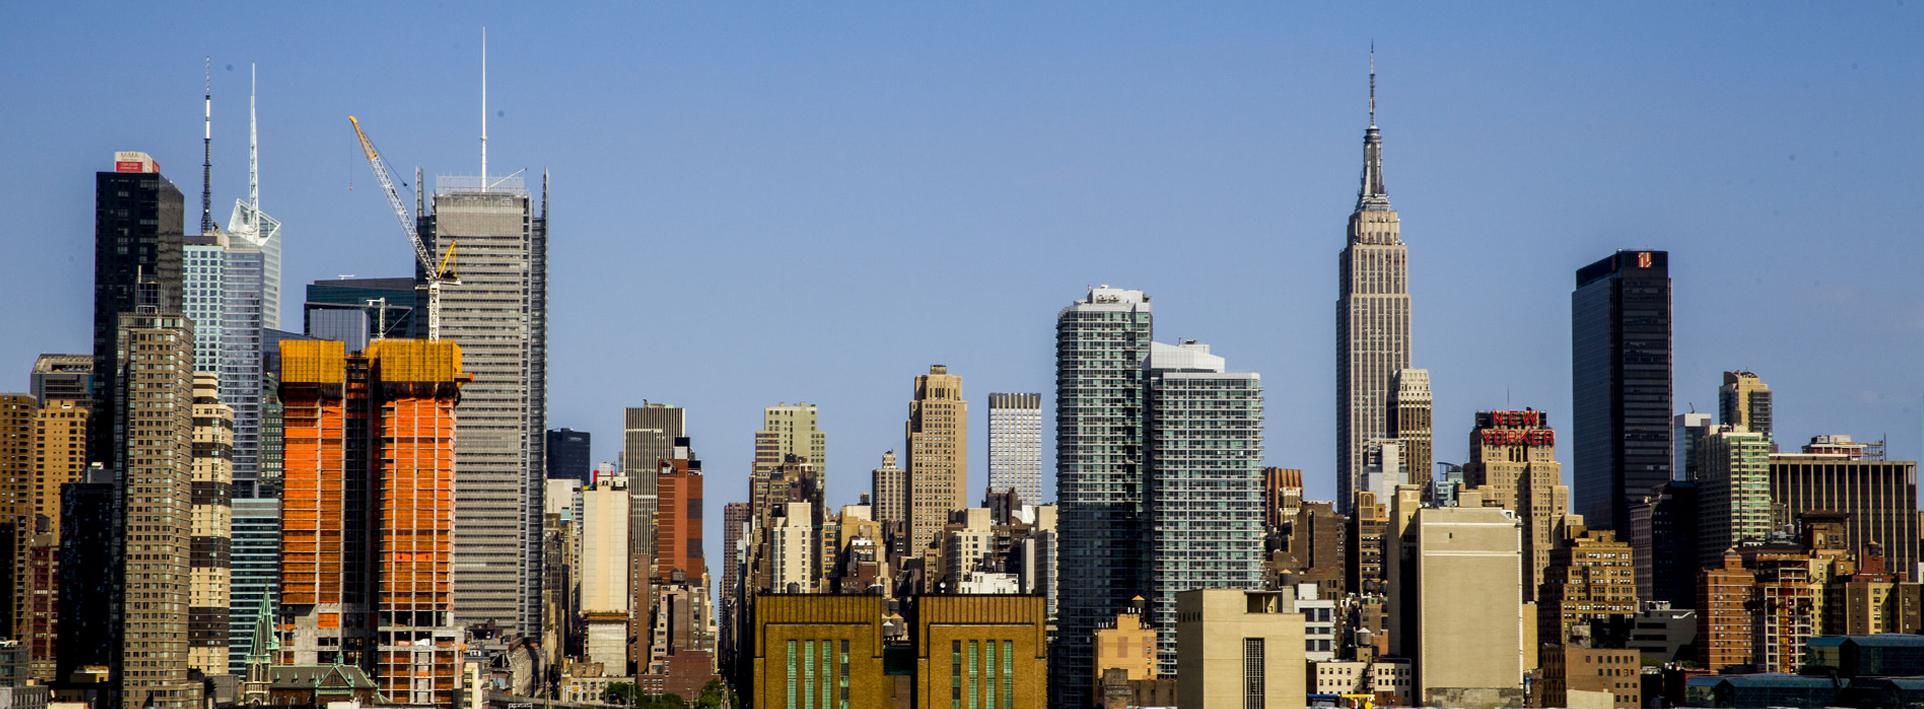 NYC 1920 x 700